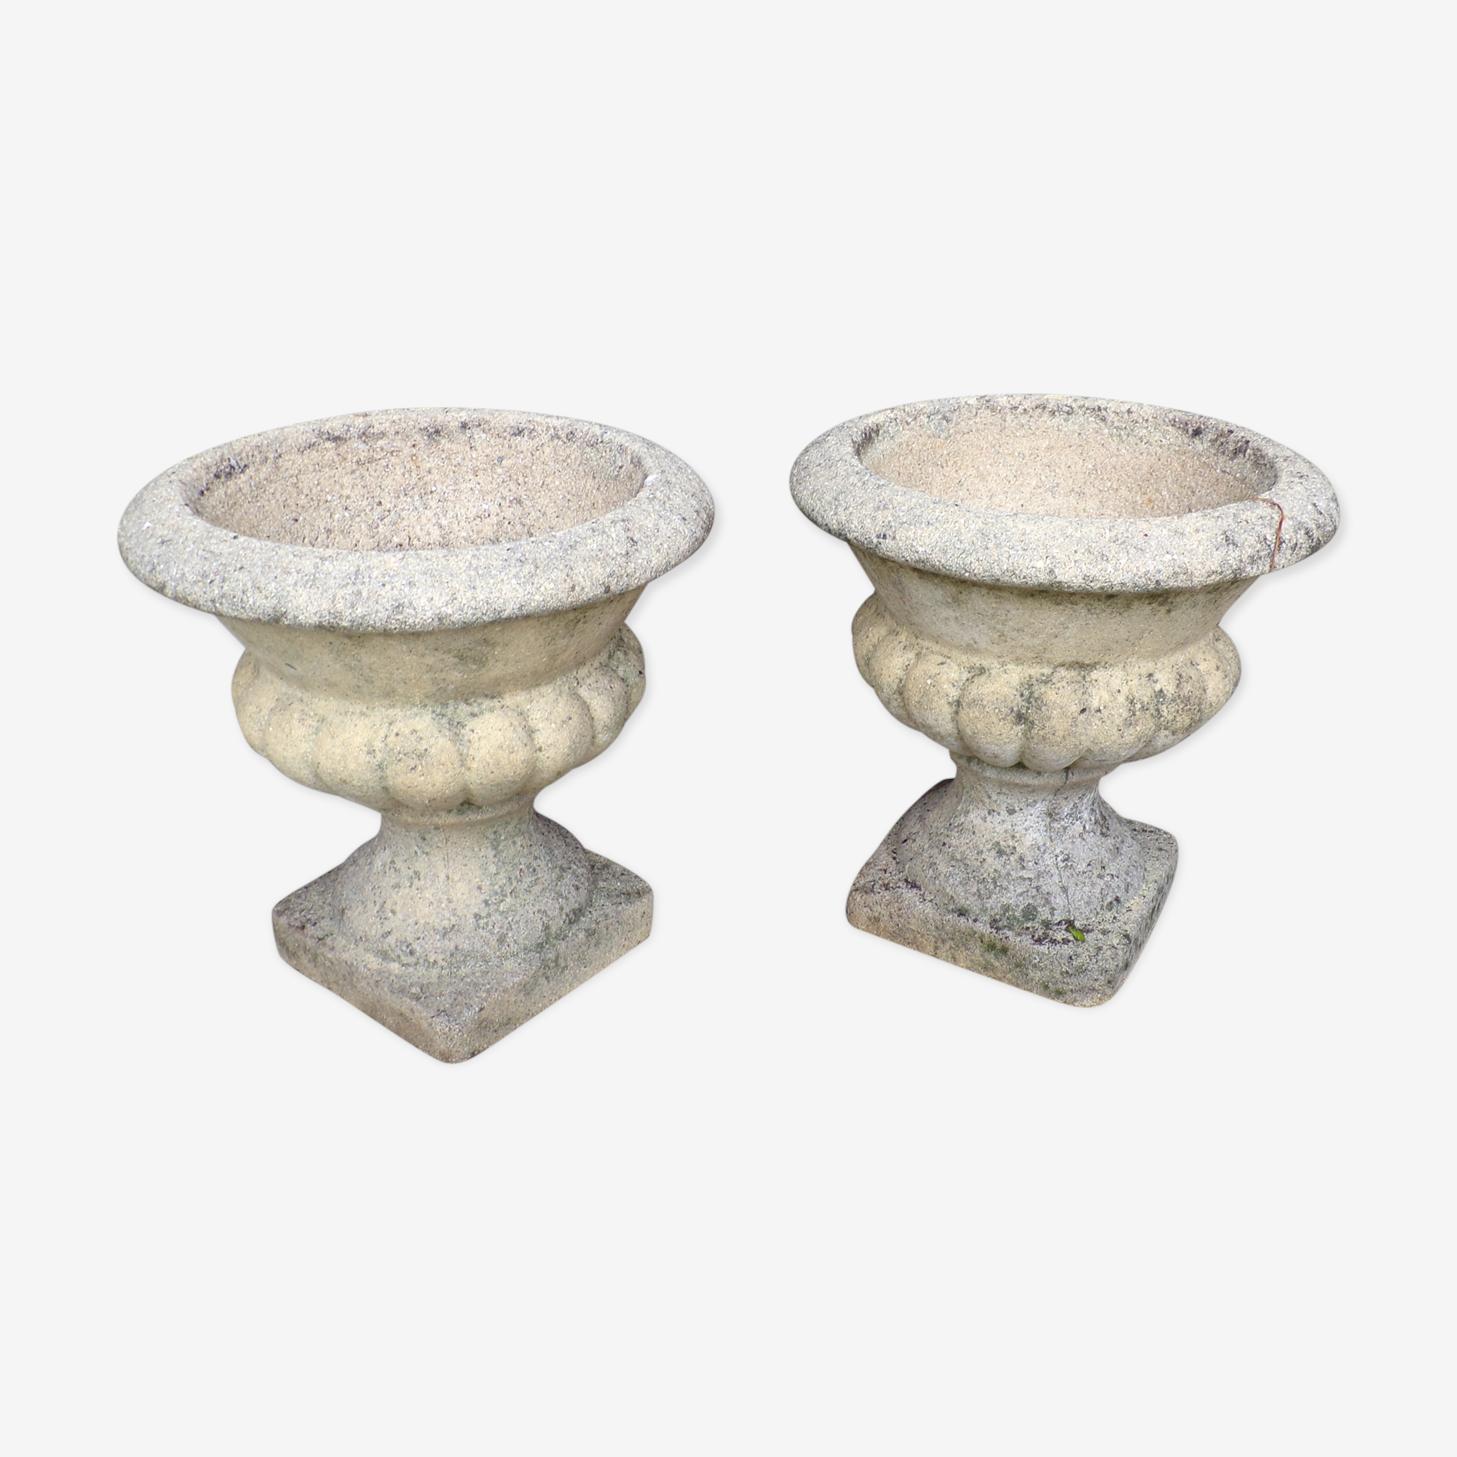 Pair of Medici vases